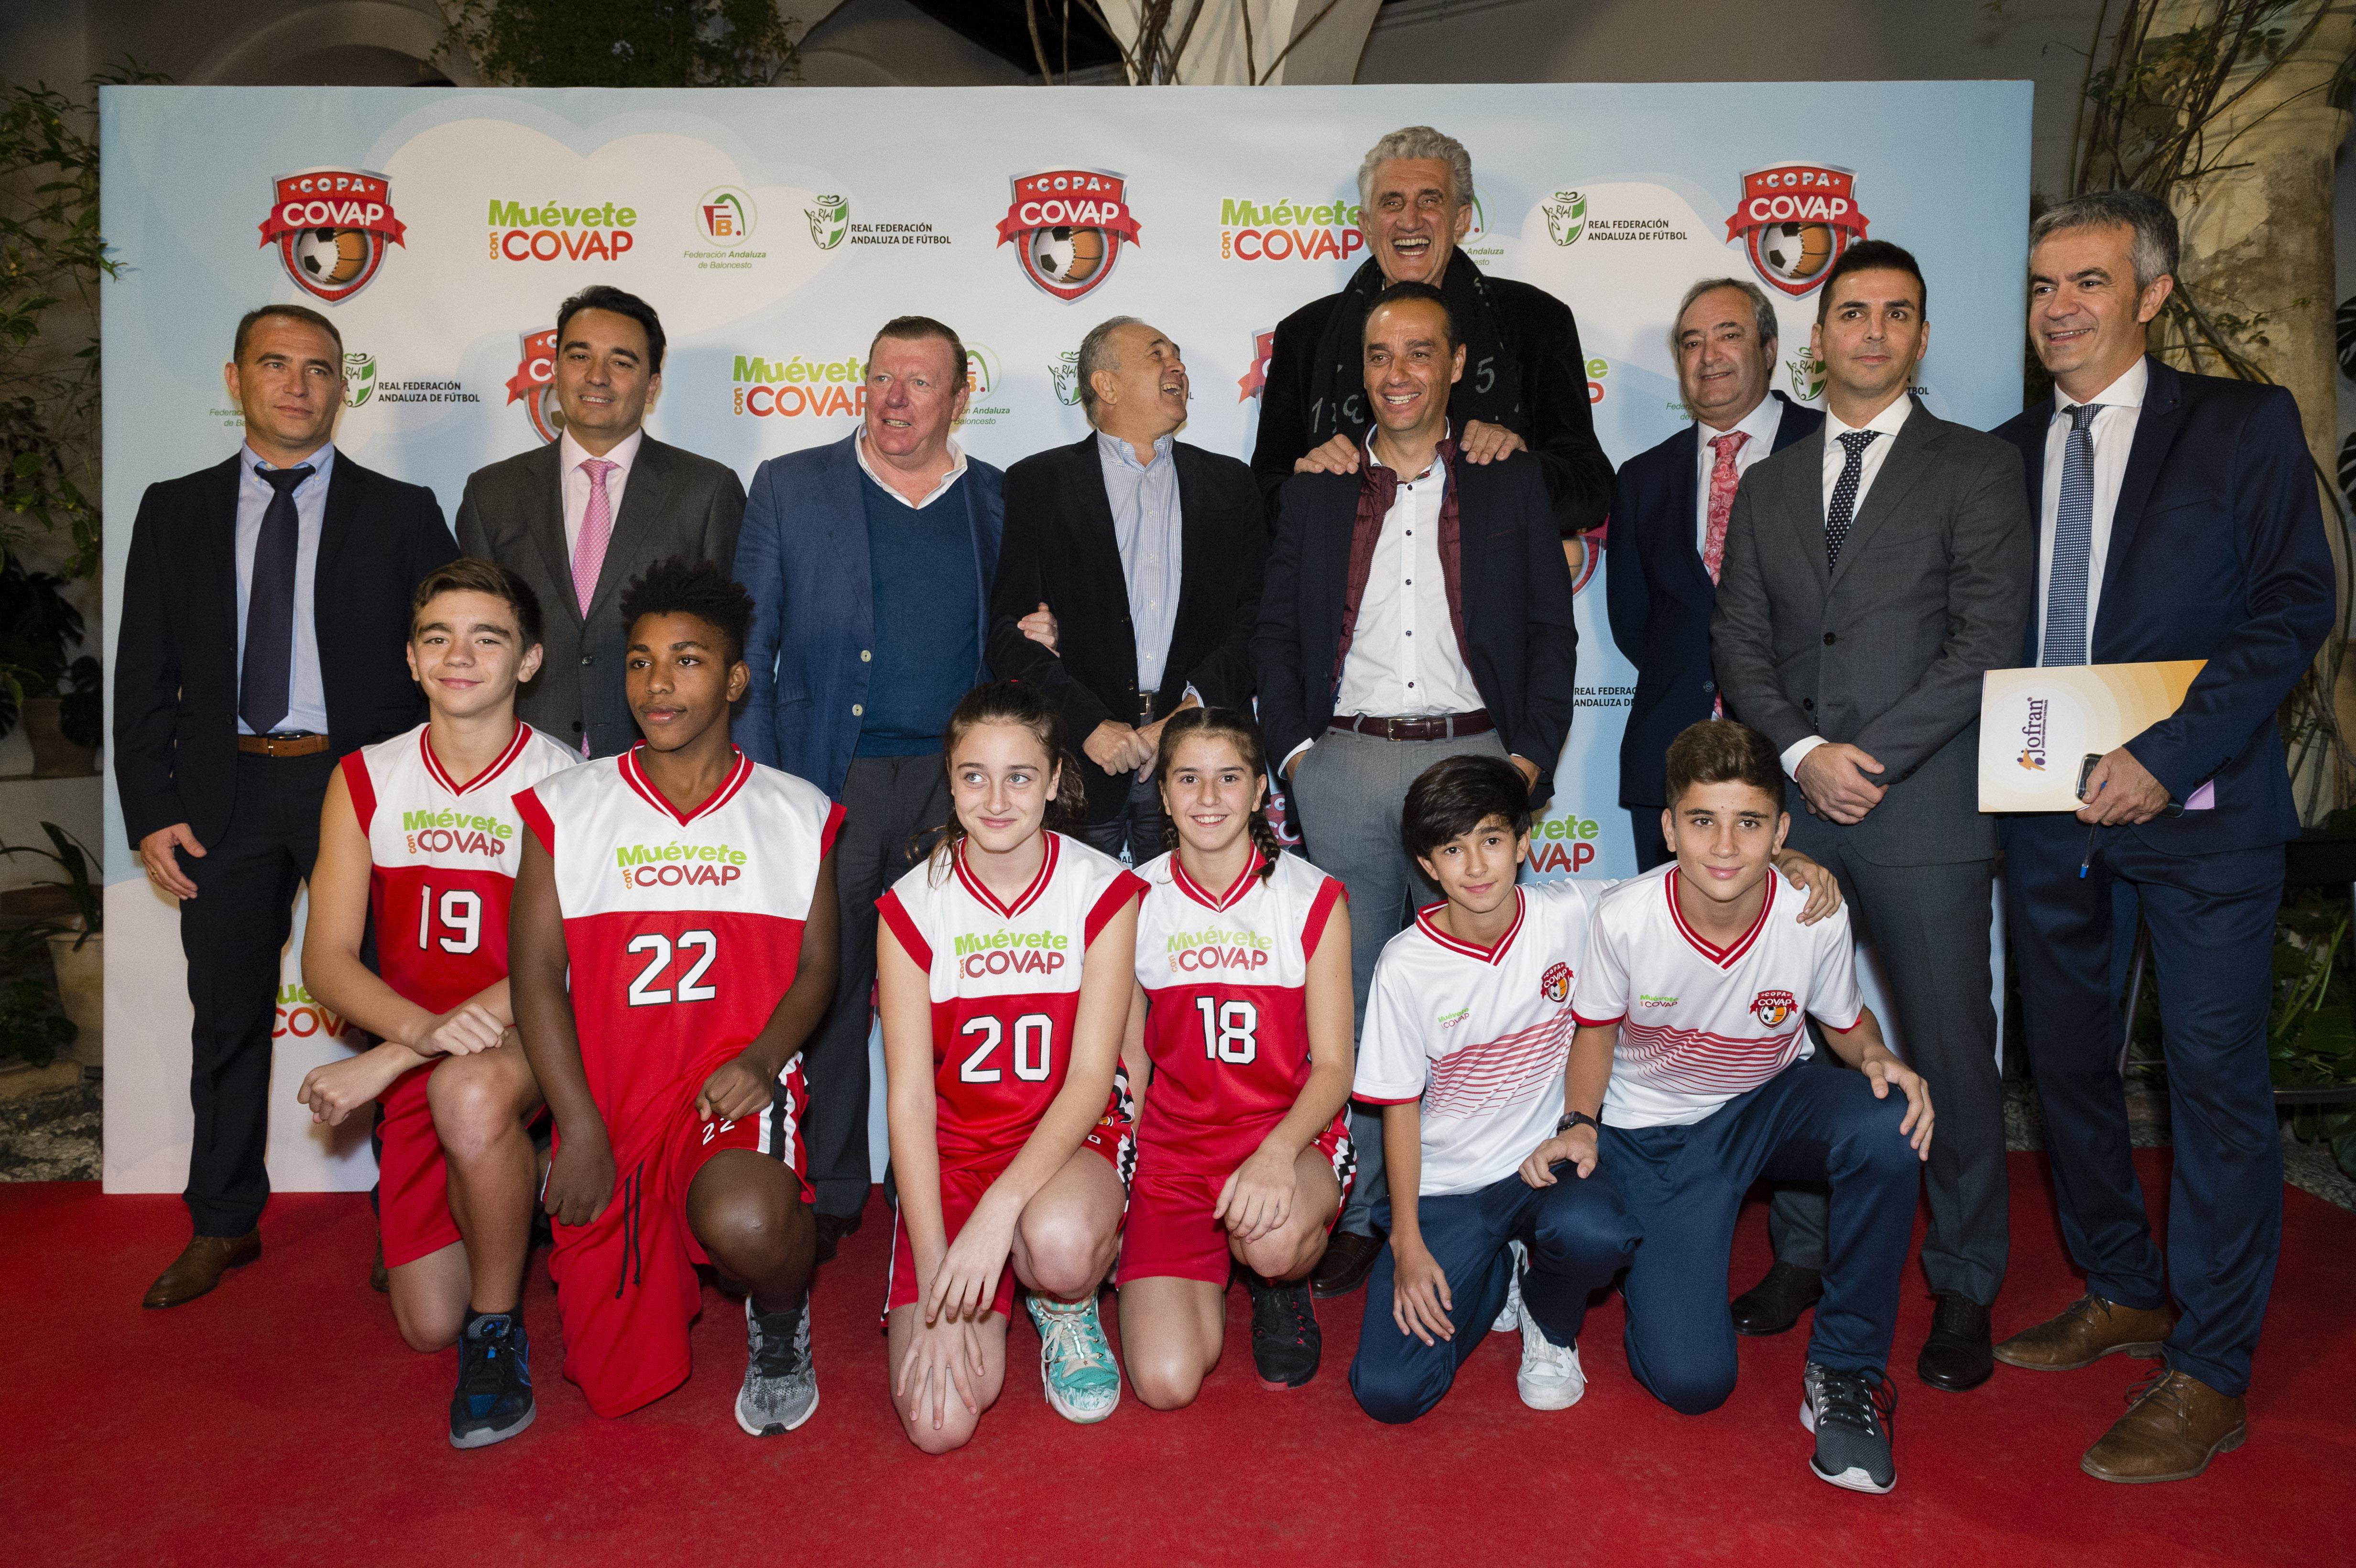 Presentación VI Copa COVAP con 4.000 participantes